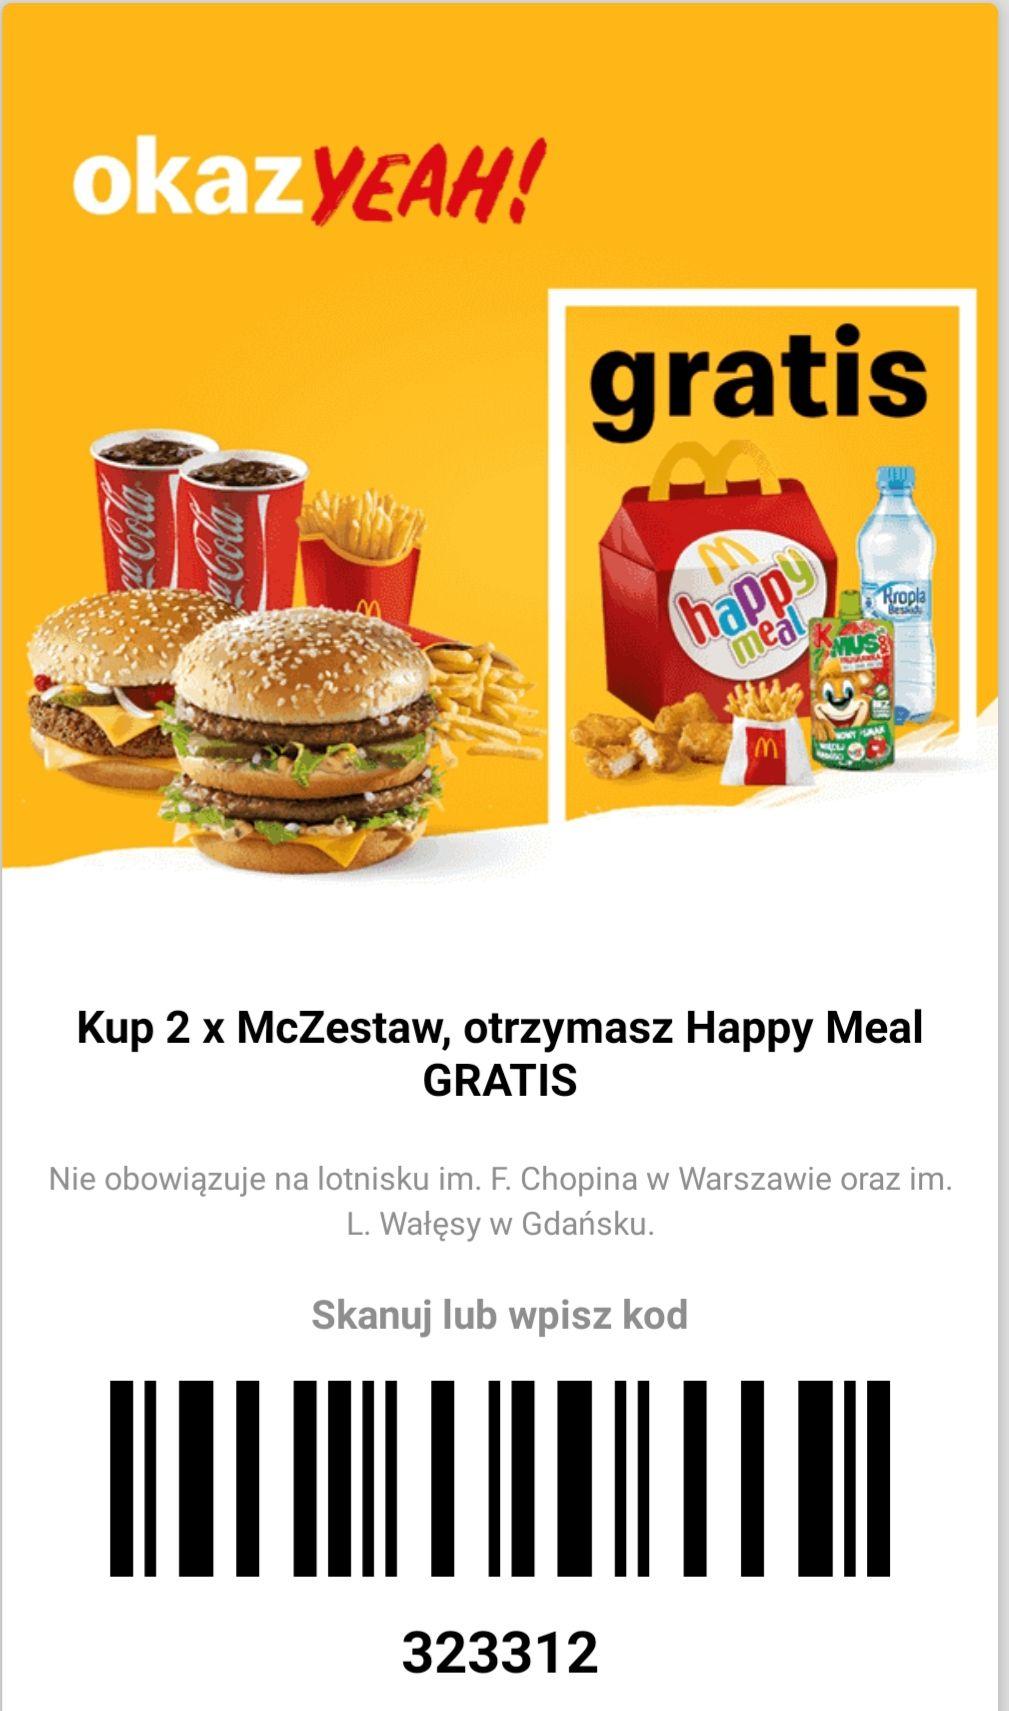 McDonald's Kup 2x McZestaw otrzymasz Happy Meal GRATIS oferta ważna do 13.10